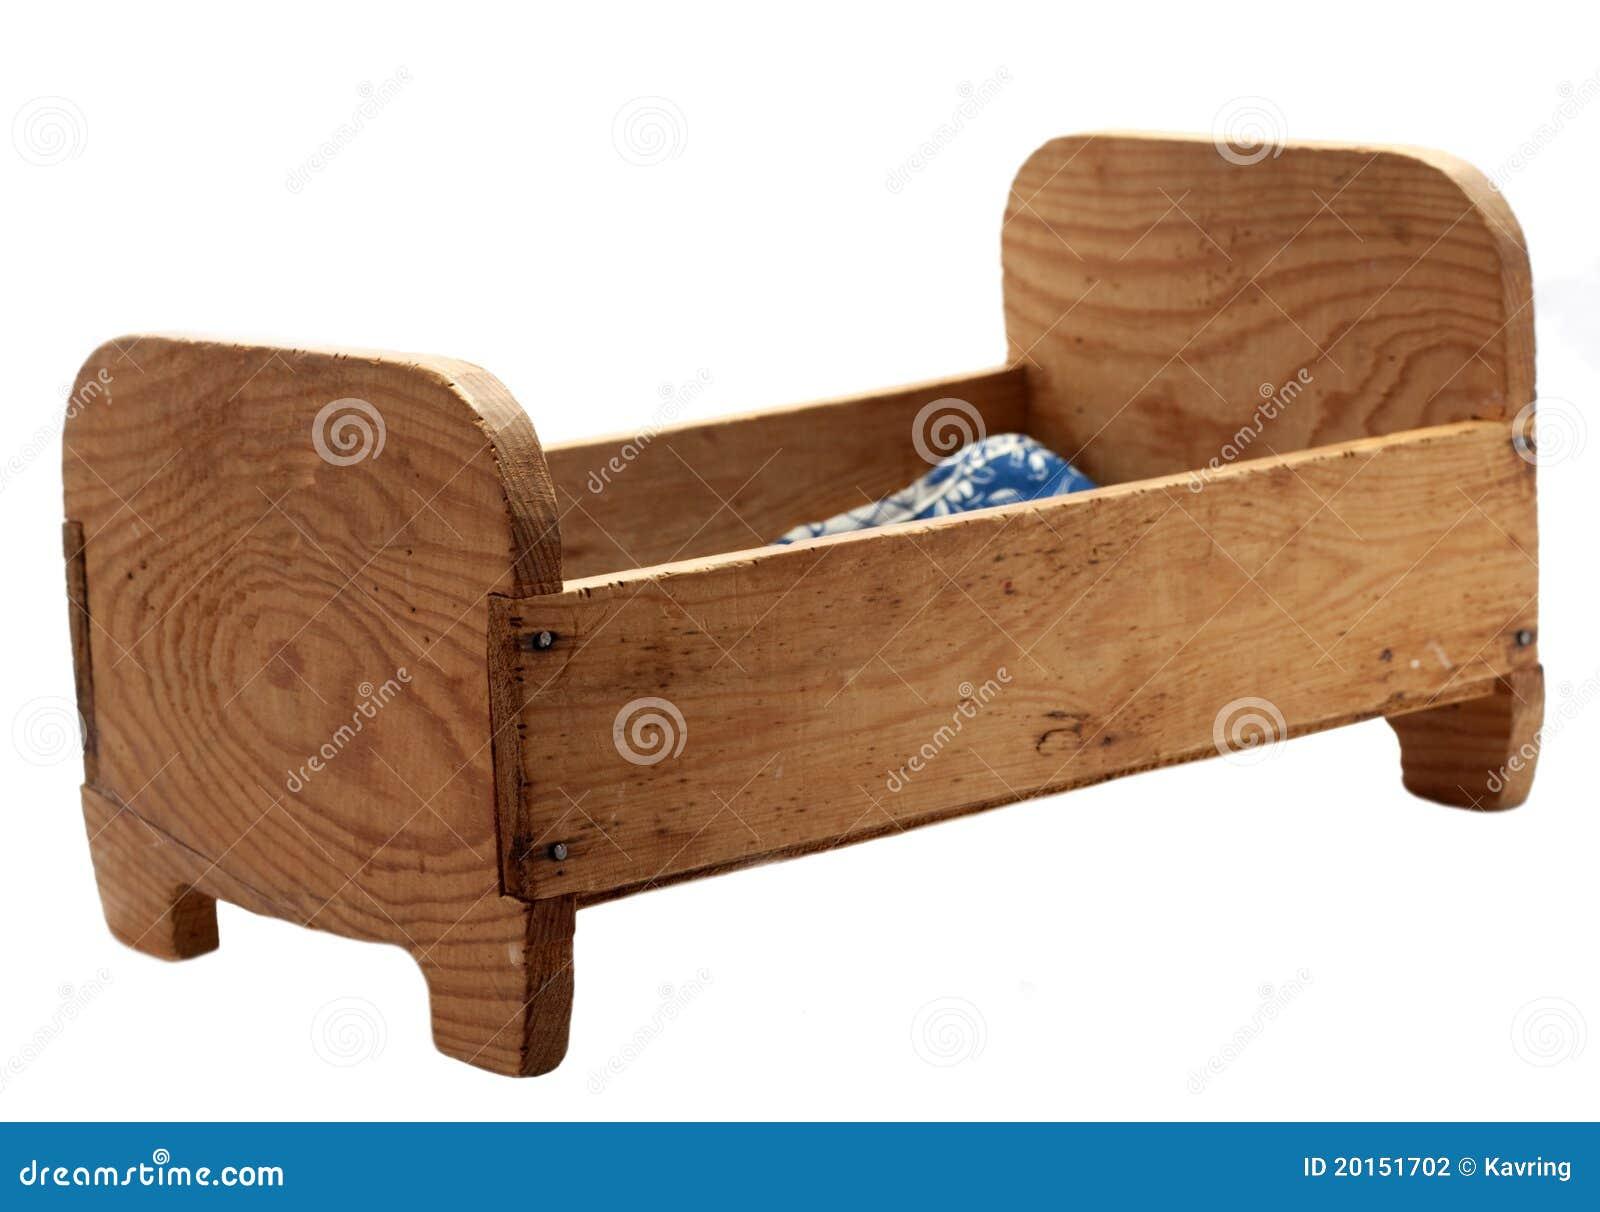 altes bett stockfoto bild von haushalt decke haupt 20151702. Black Bedroom Furniture Sets. Home Design Ideas